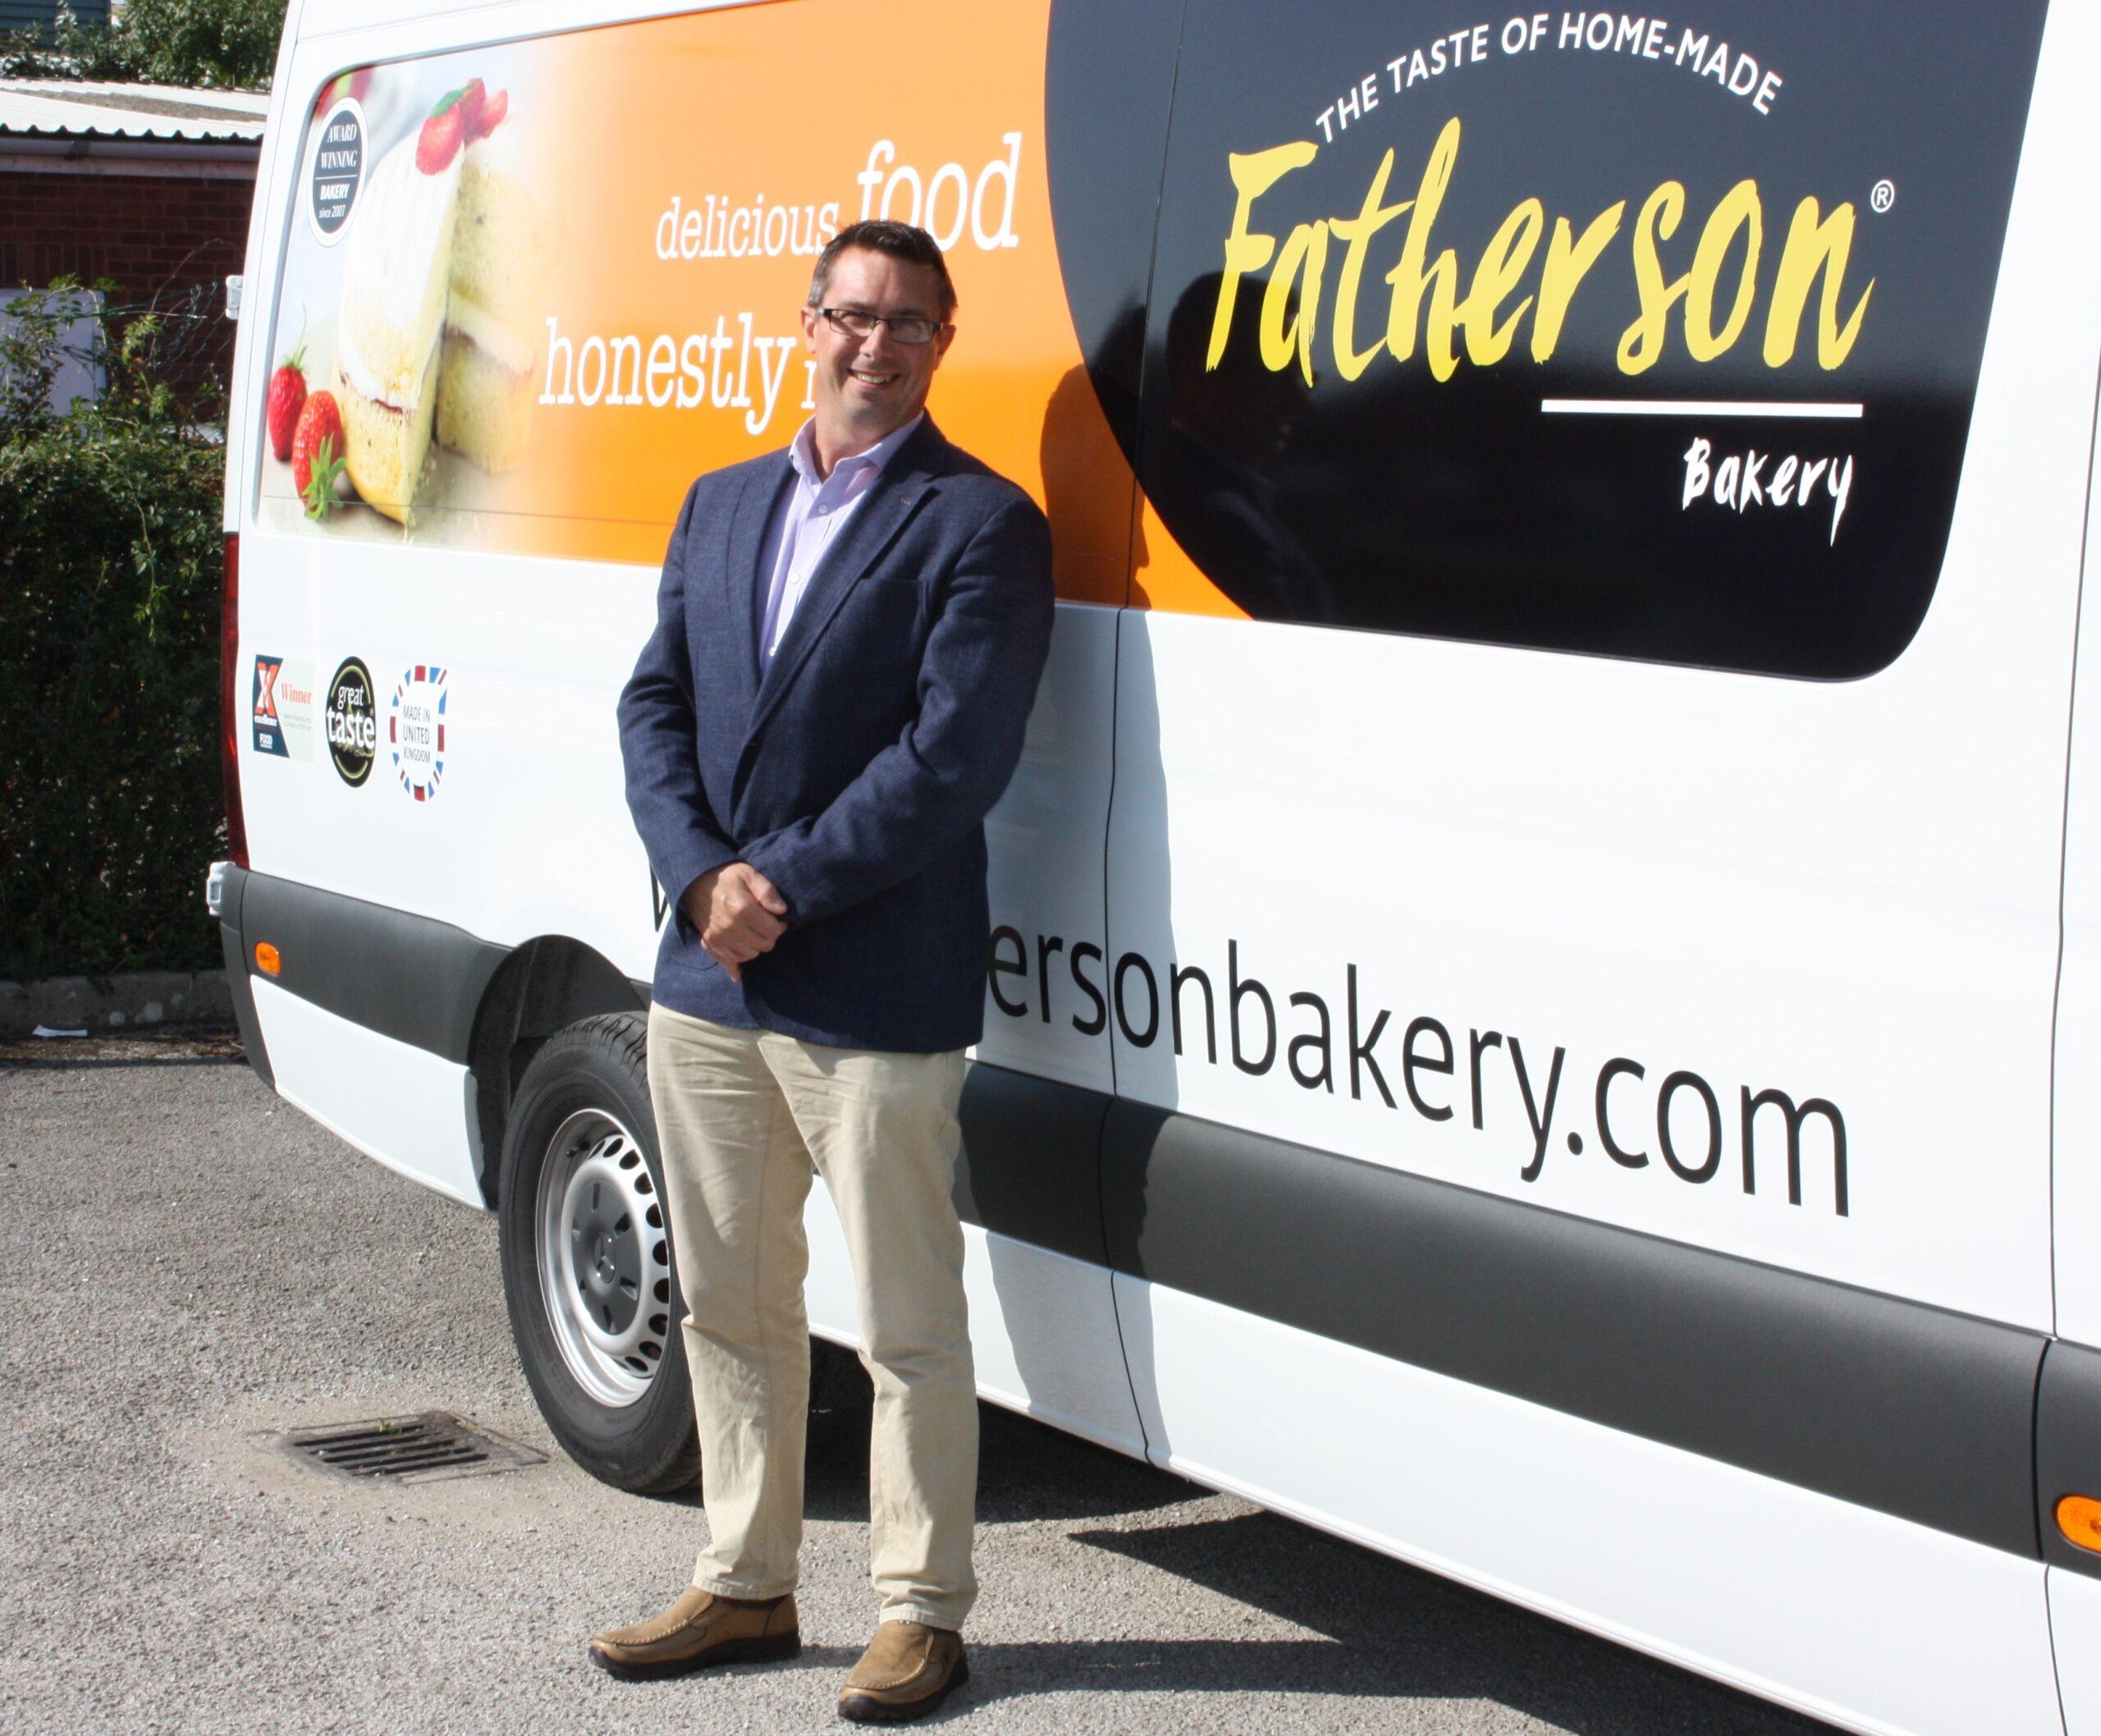 Fatherson Bakery Testimonial: next to van image